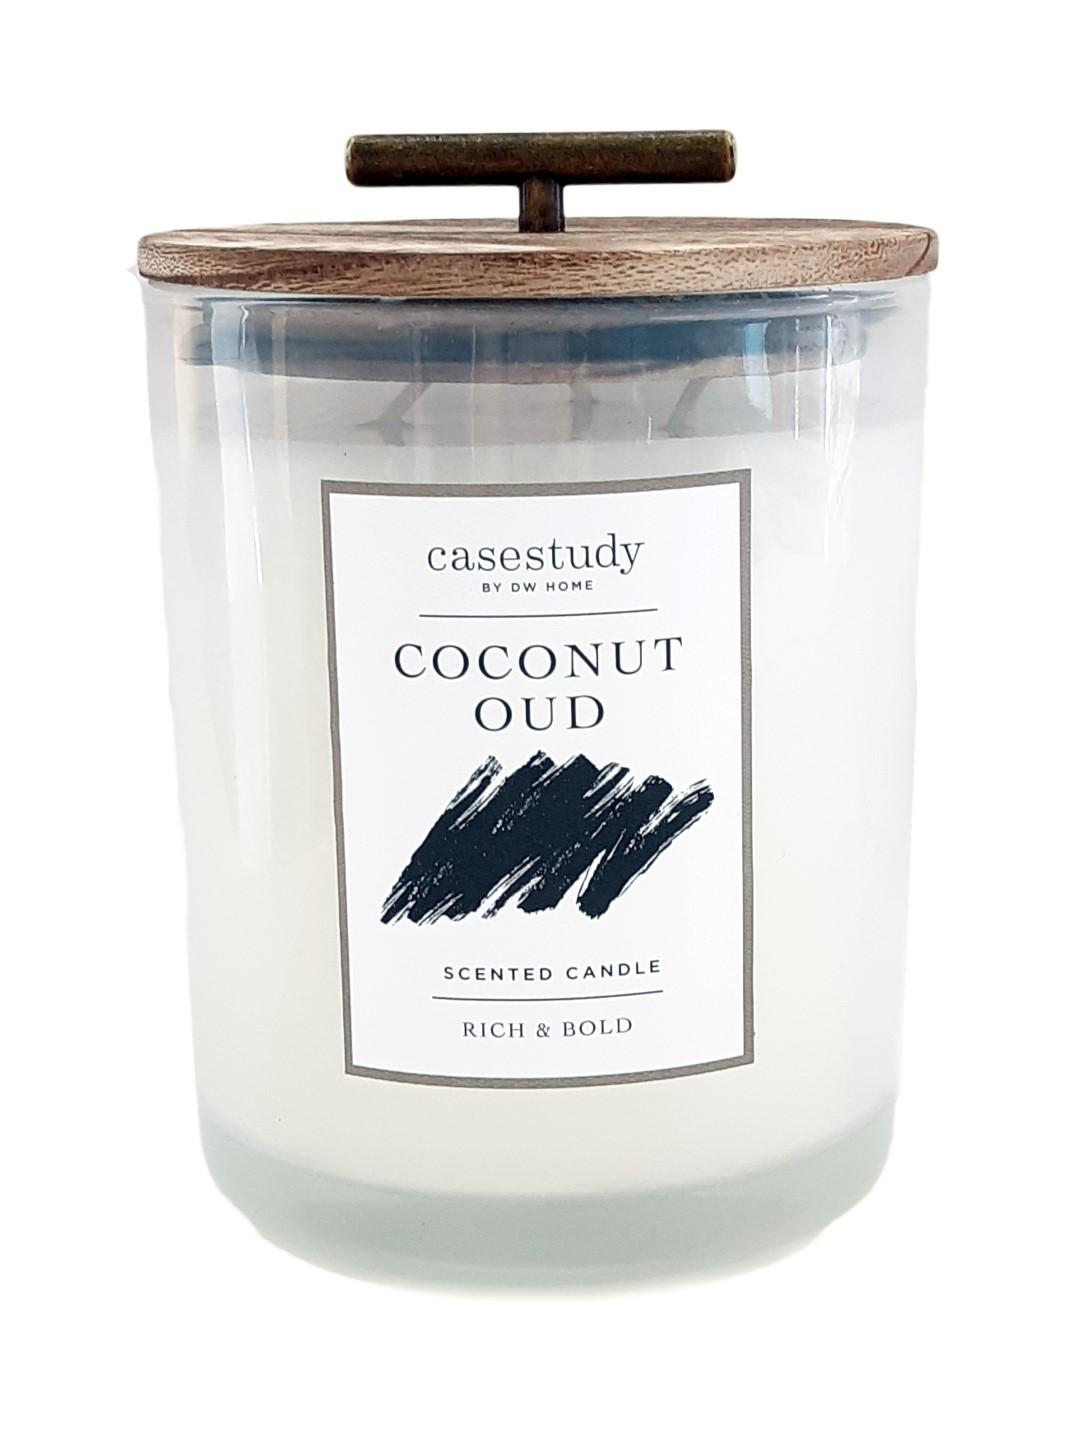 נר צילינדר XL עם מכסה עץ וידית זהב - Coconut Oud